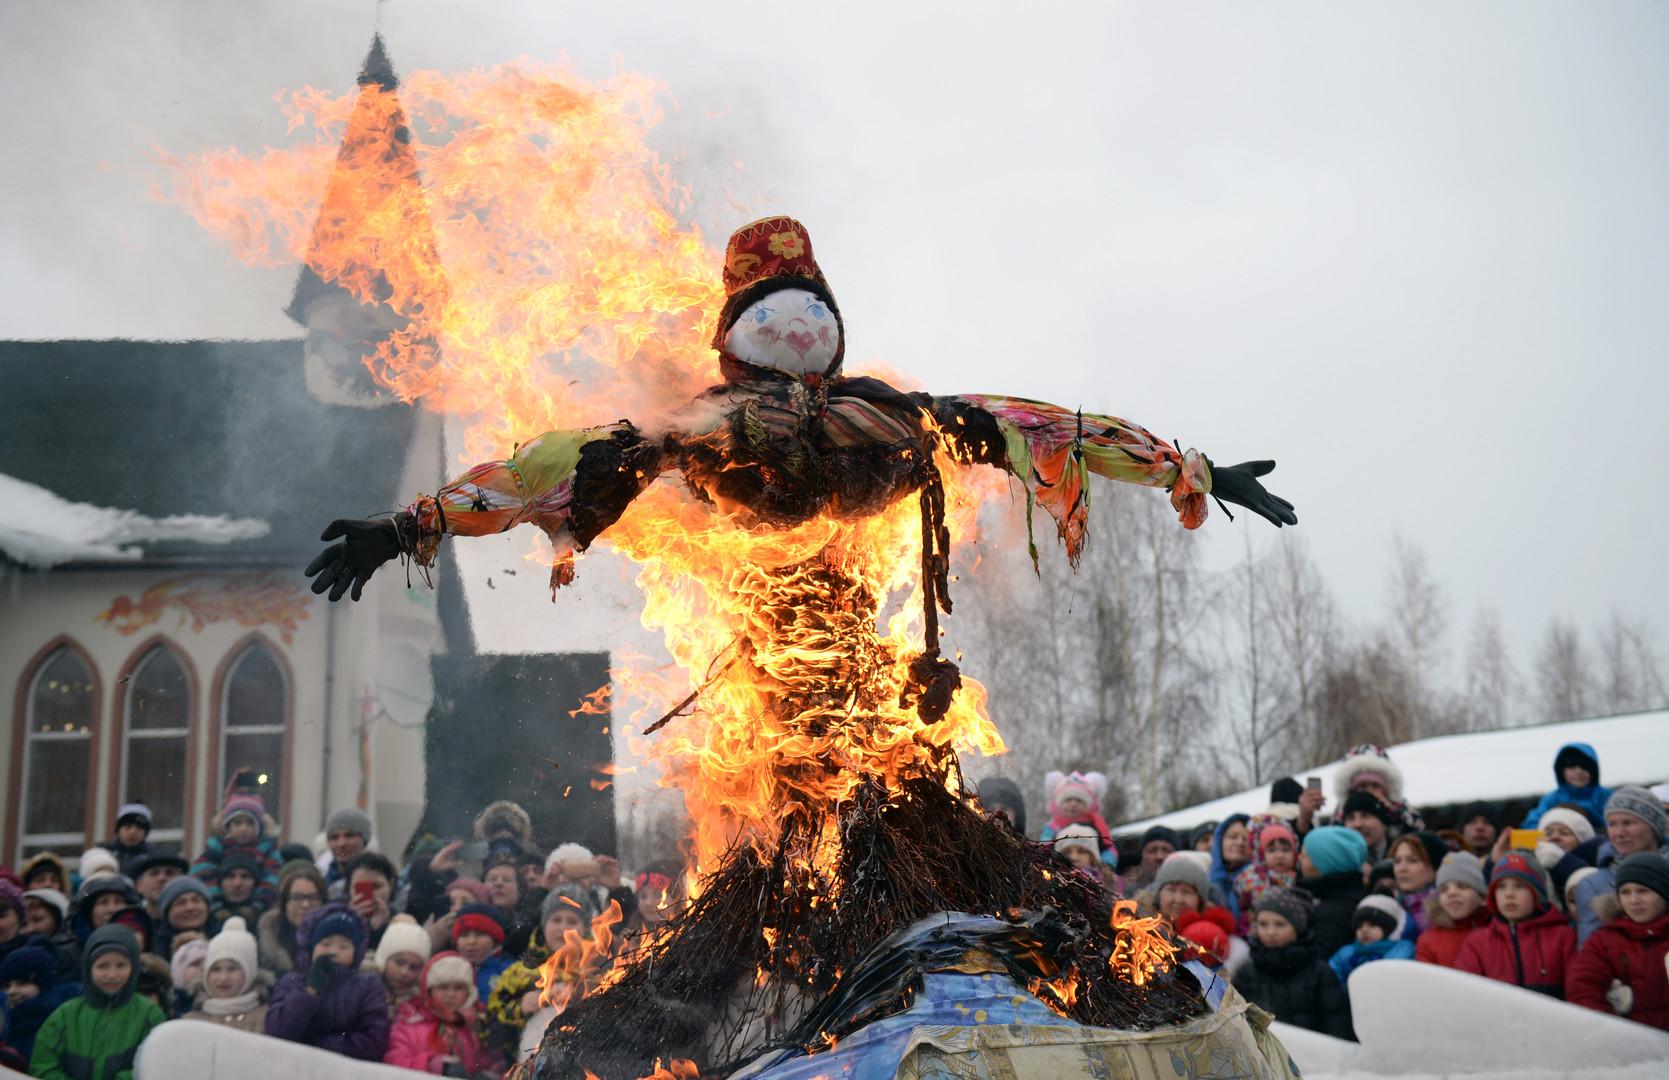 Am letzten Tag der Masleniza-Woche wird eine Winter-Puppe verbrannt. Jekaterinburg